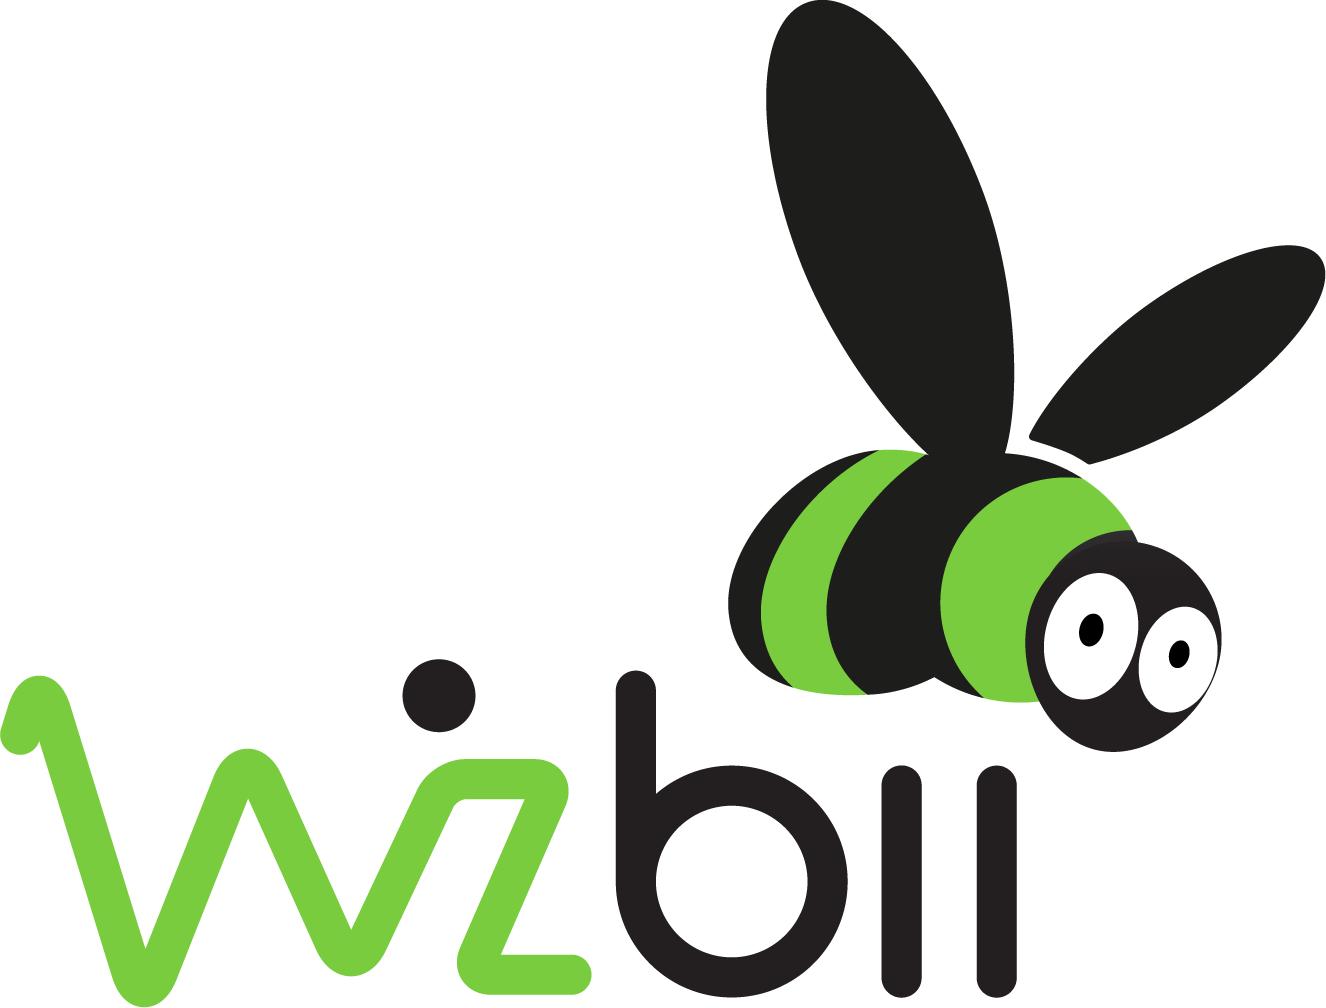 Découvre toutes les offres pour Traffic Manager sur Wizbii !